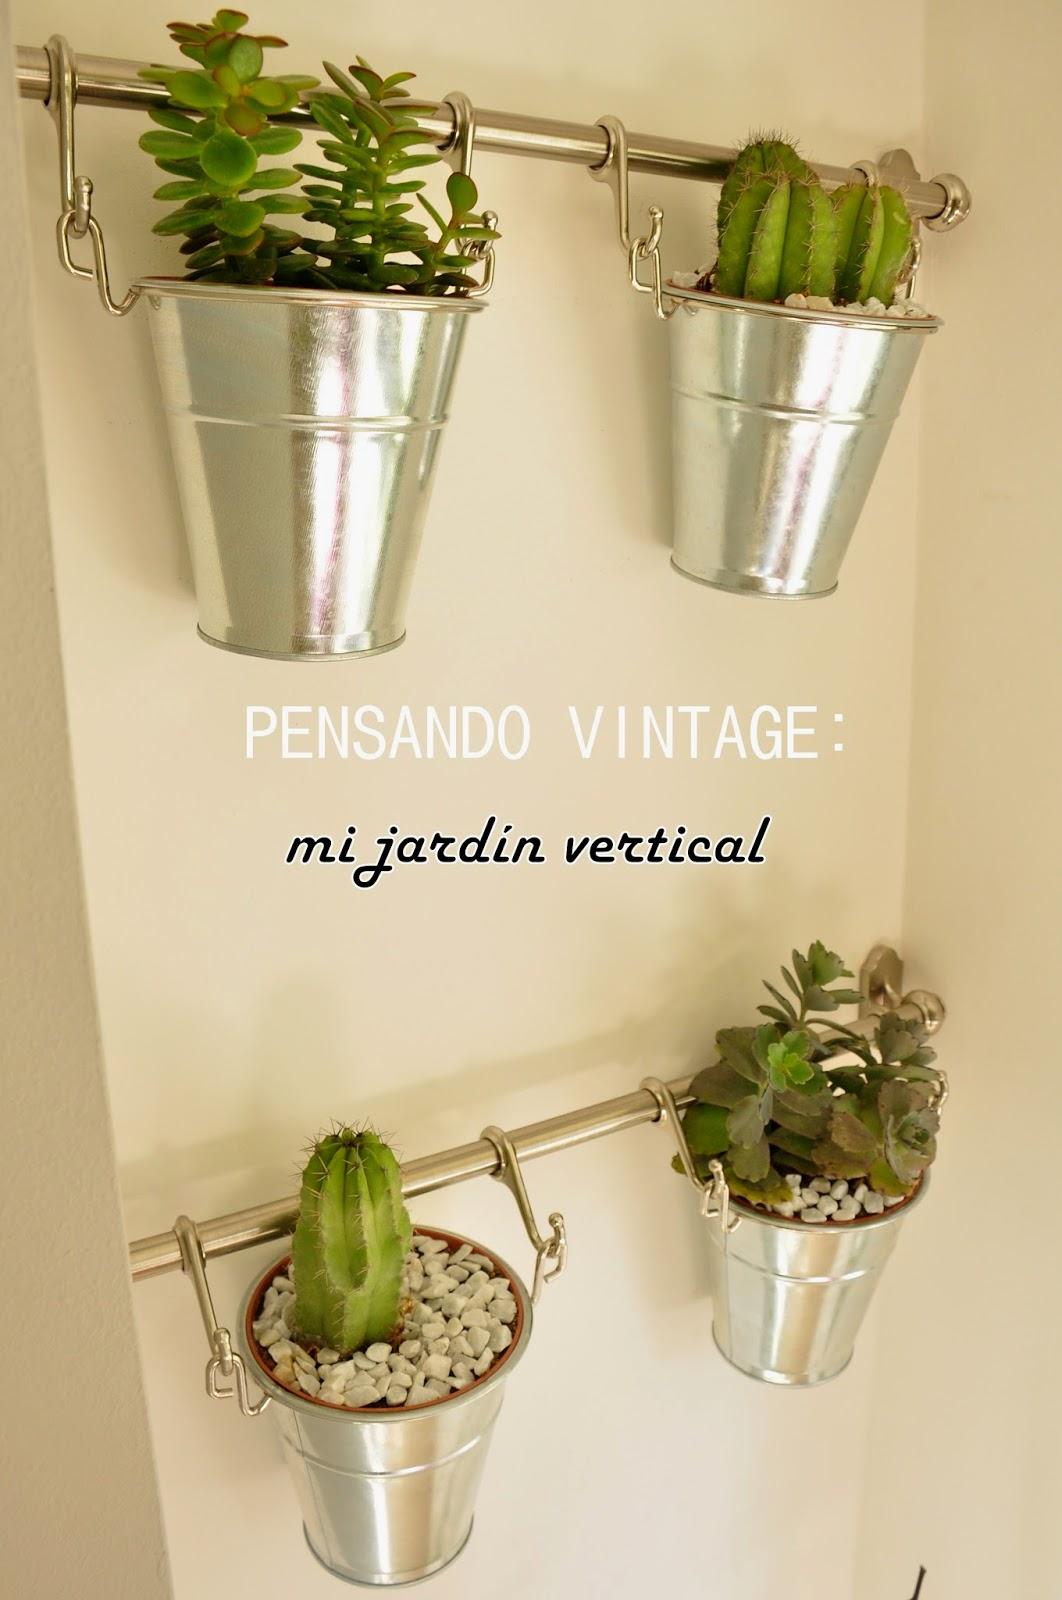 Pensando vintage c mo hacer un jard n vertical en el - Como hacer un jardin vertical de interior ...